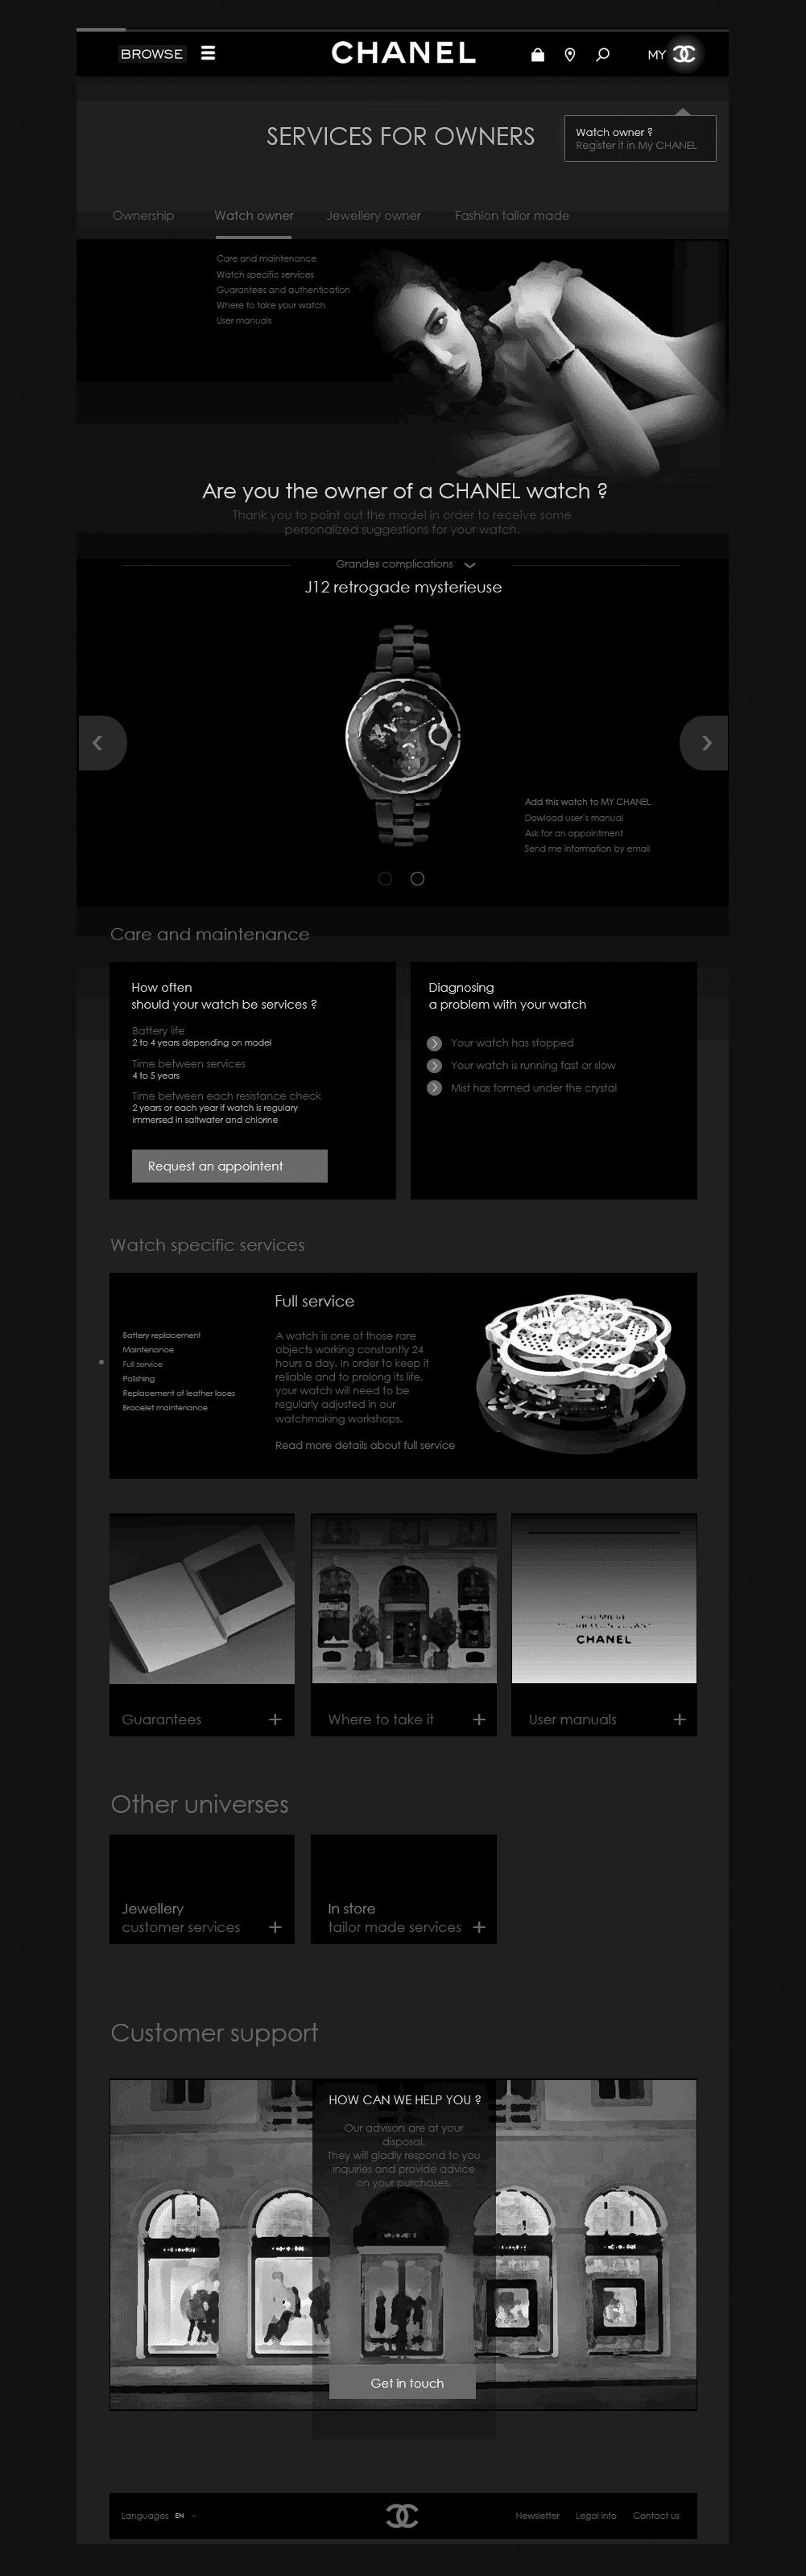 Exemple de conception d'interface utilisateur